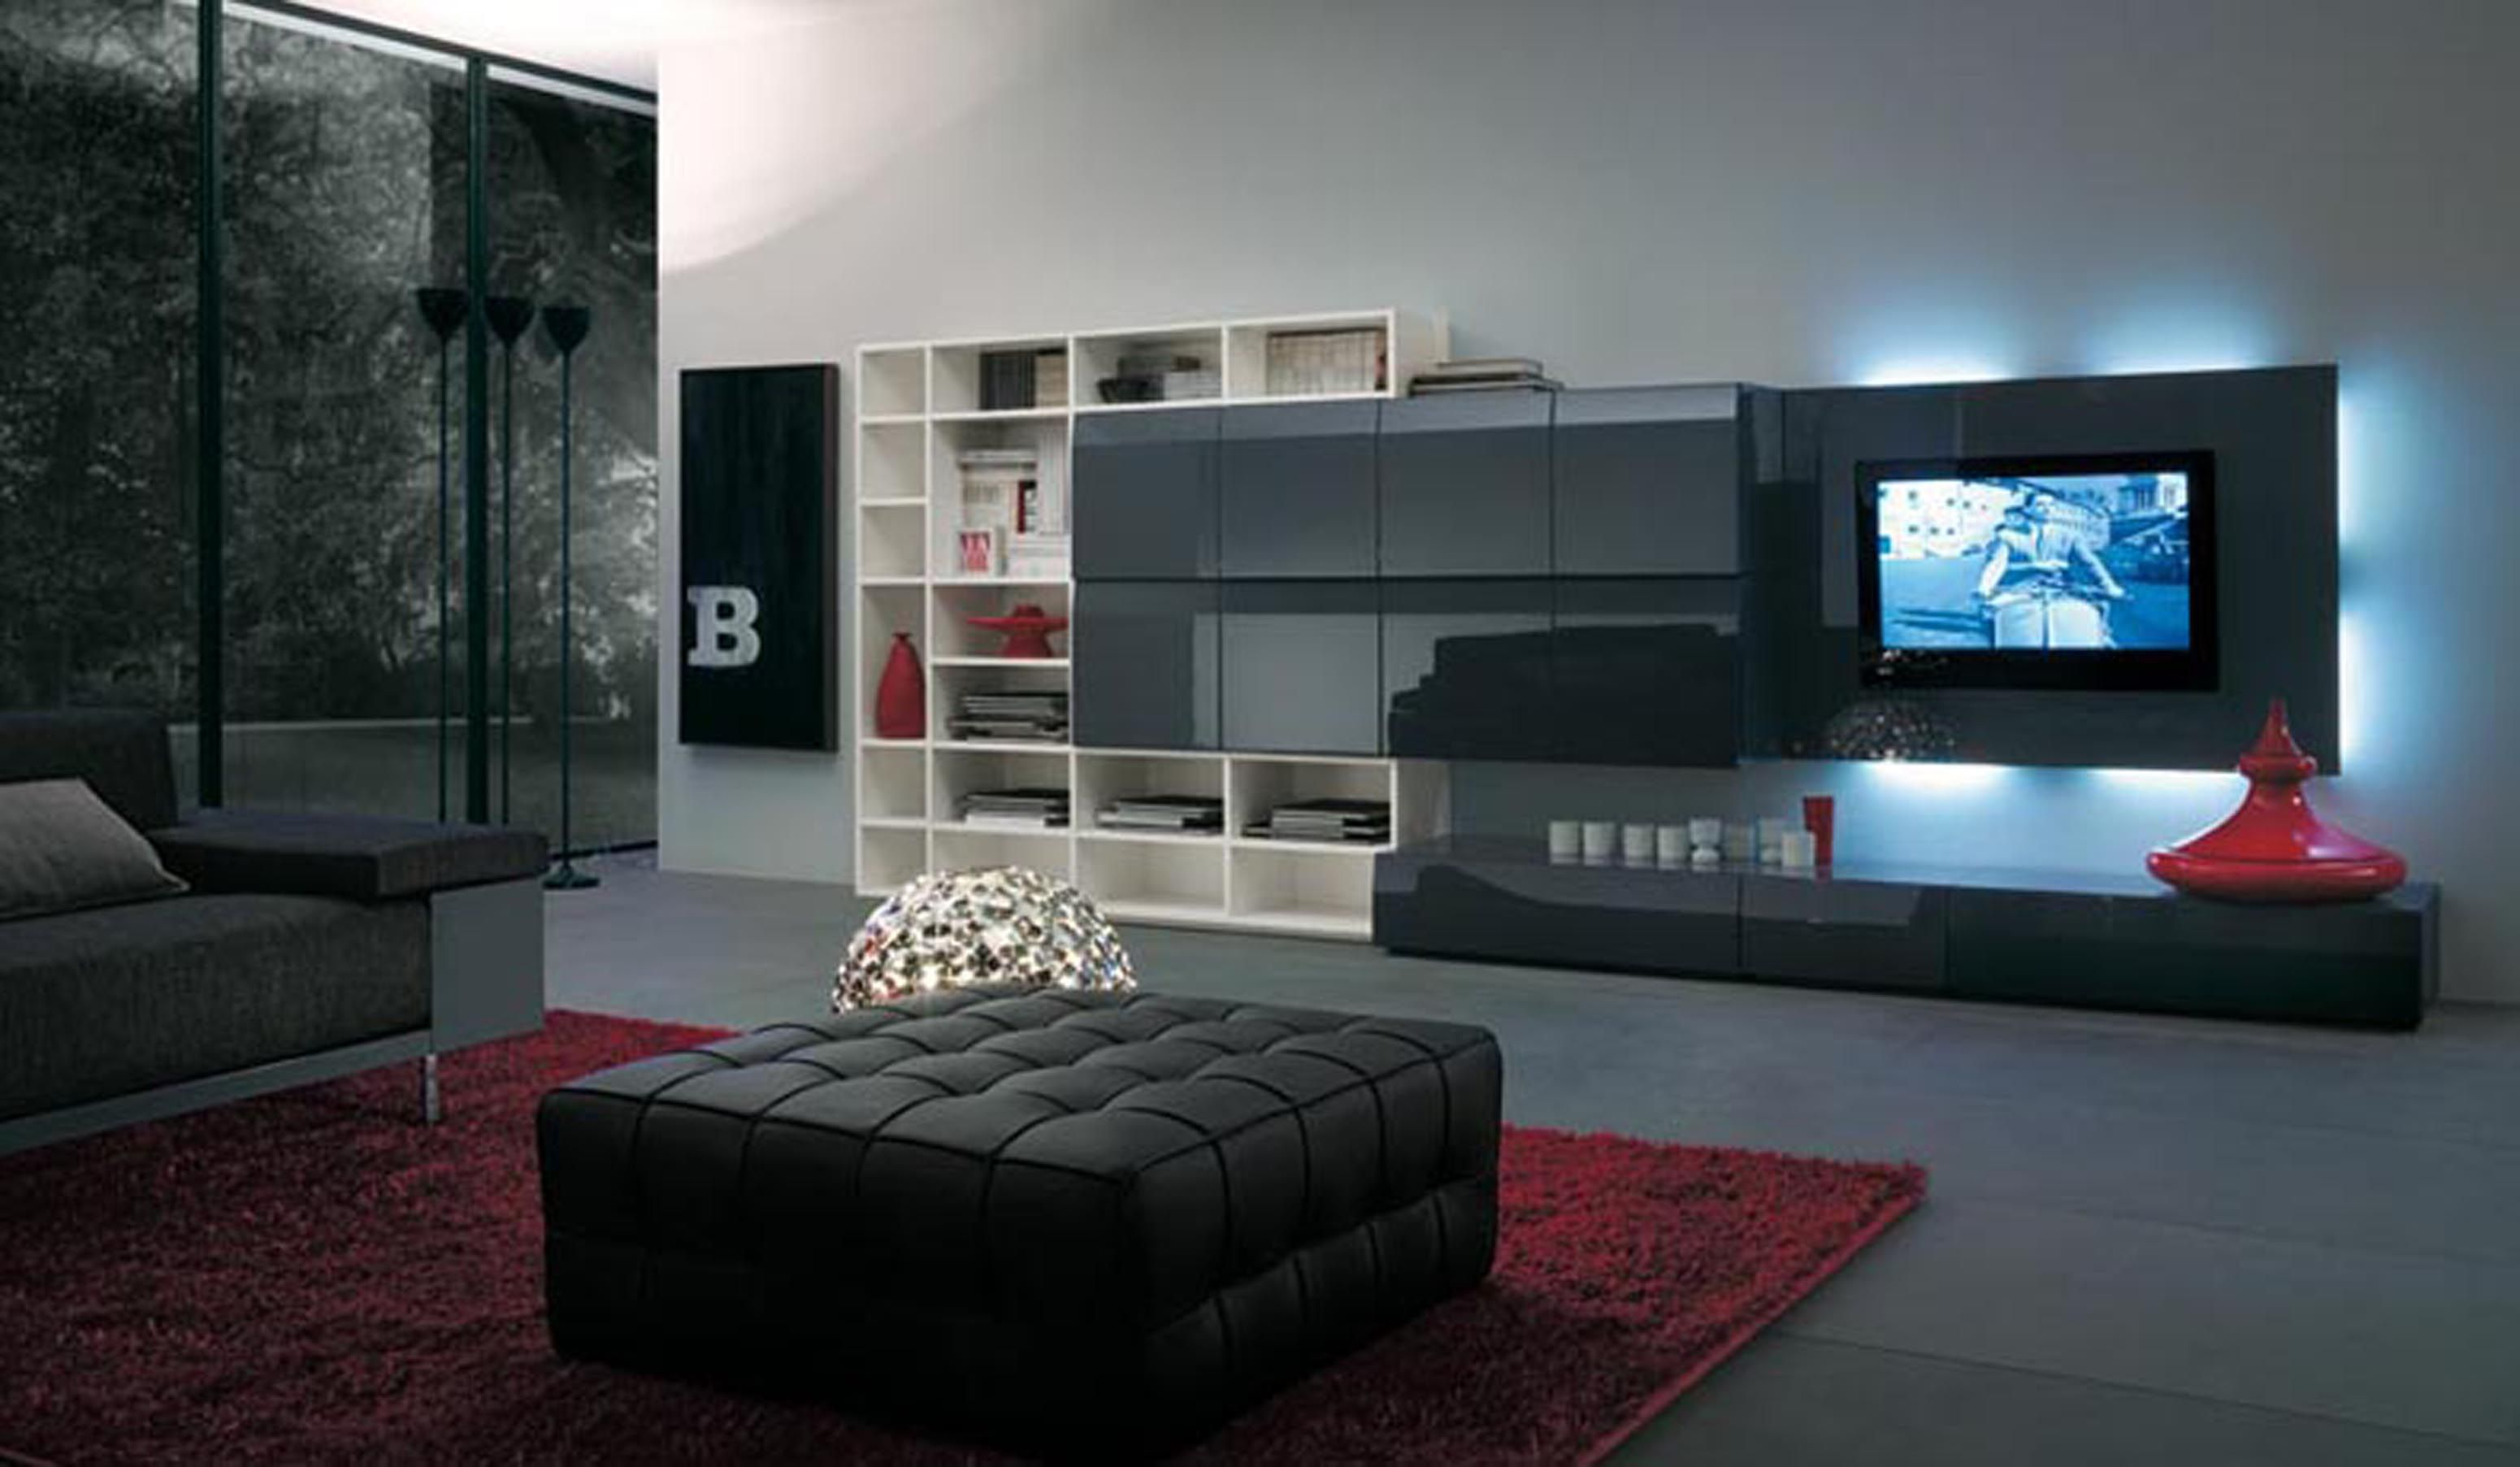 Best Living Room Furniture Sets Elegant Living Room Furniture Sets Black Living Room Furniture Sets Livi Modern Tv Wall Units Modern Tv Wall Wall Unit Designs #television #set #living #room